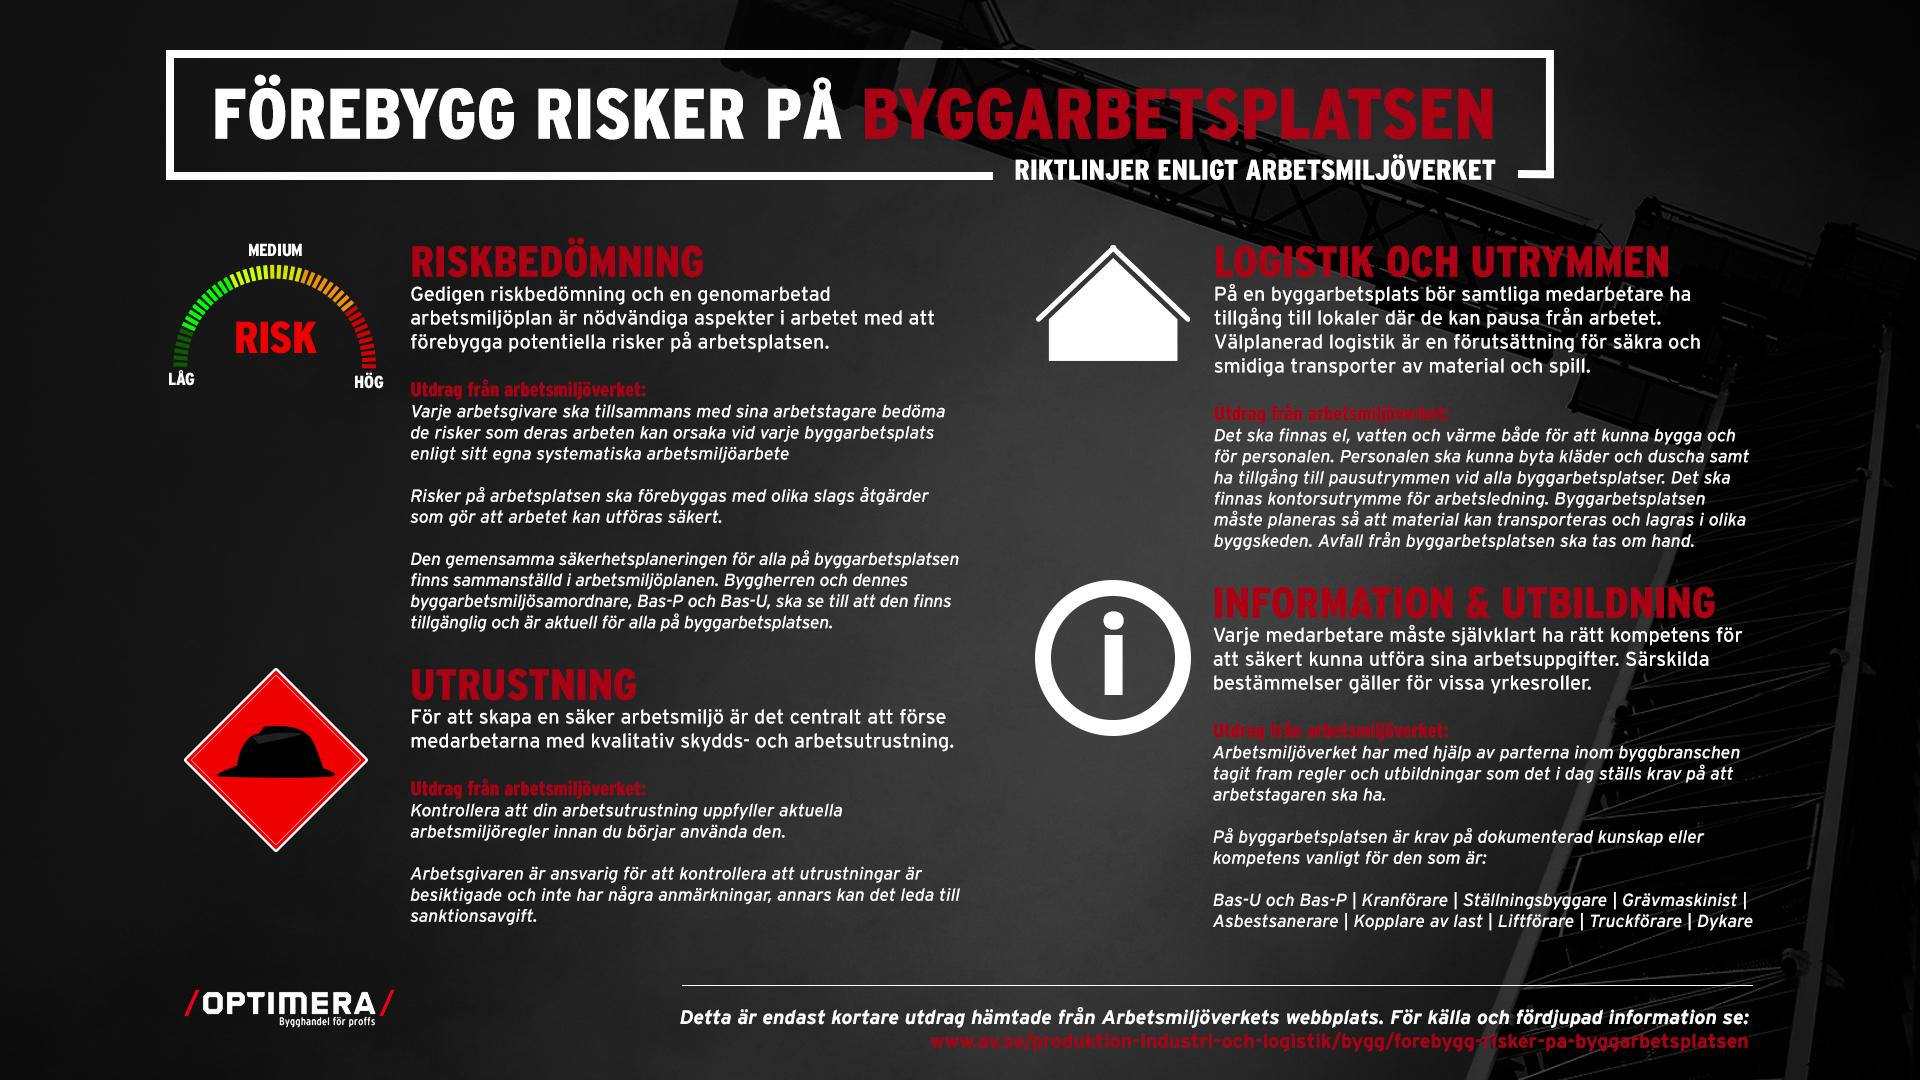 Förebygg risker på byggarbetsplatsen - infographic Arbetsmiljöverket.